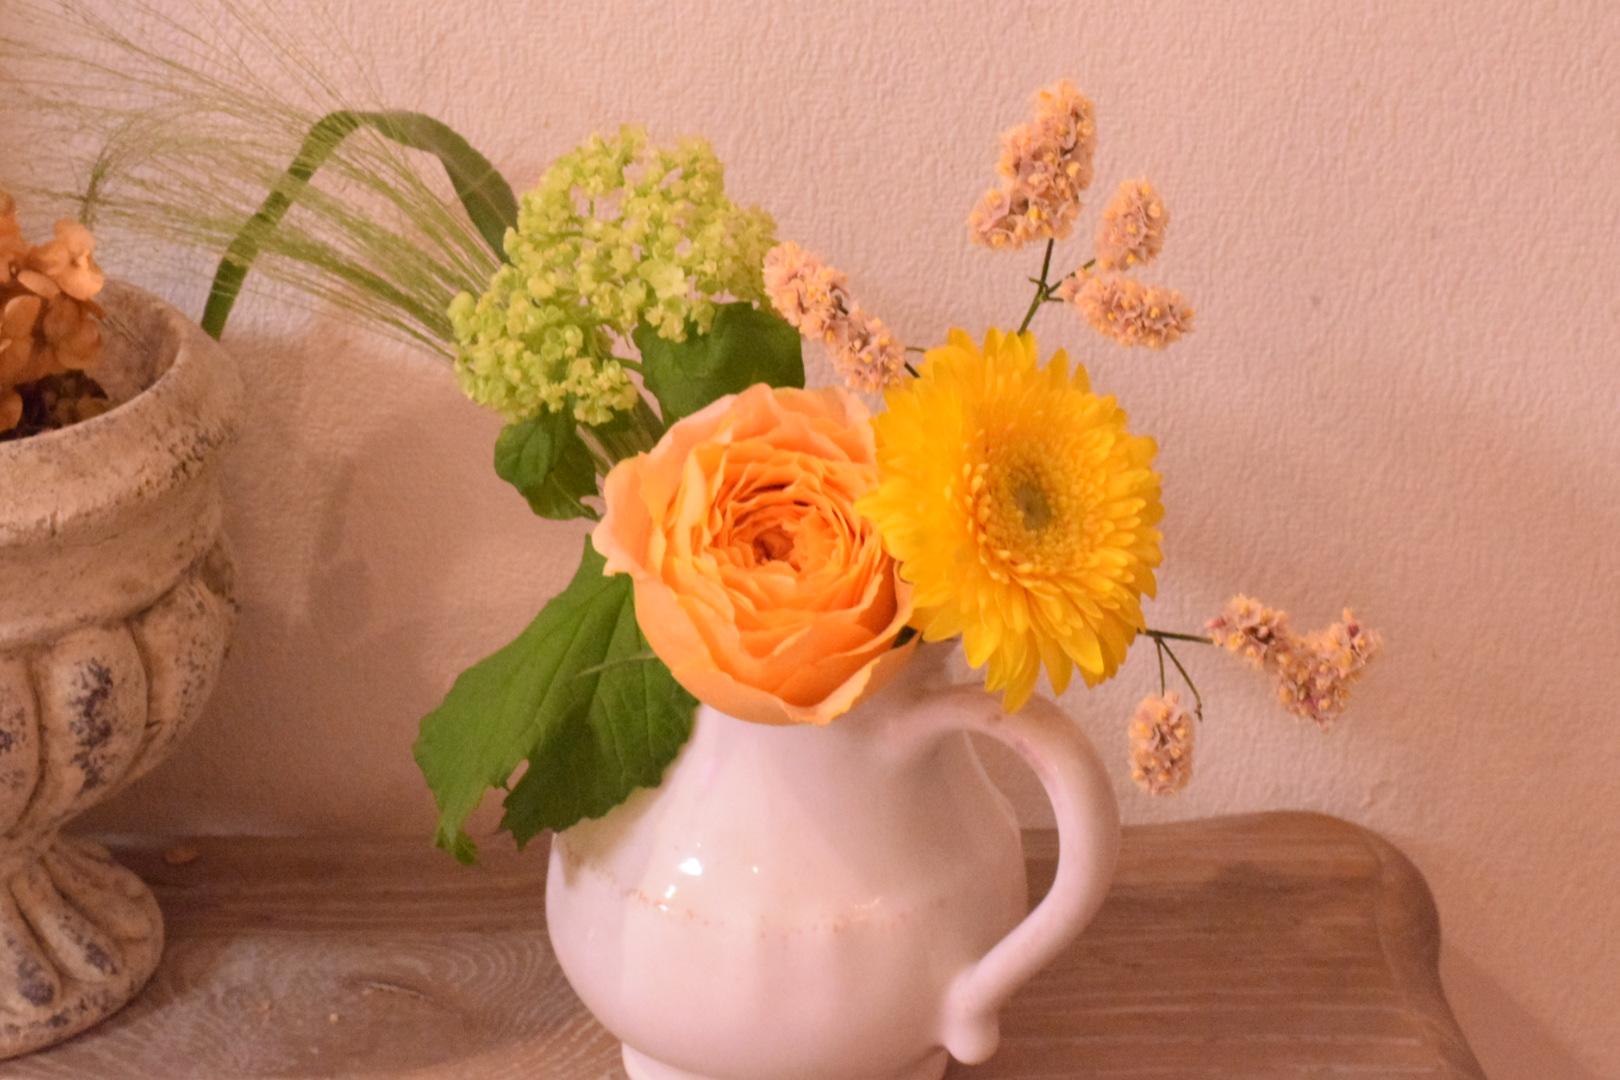 【東京・北千住の花屋Hanayue(ハナユエ)】自宅で待っていれば毎週お花が届く!花屋直営の定期便「Hanayue お花の定期便」リリース